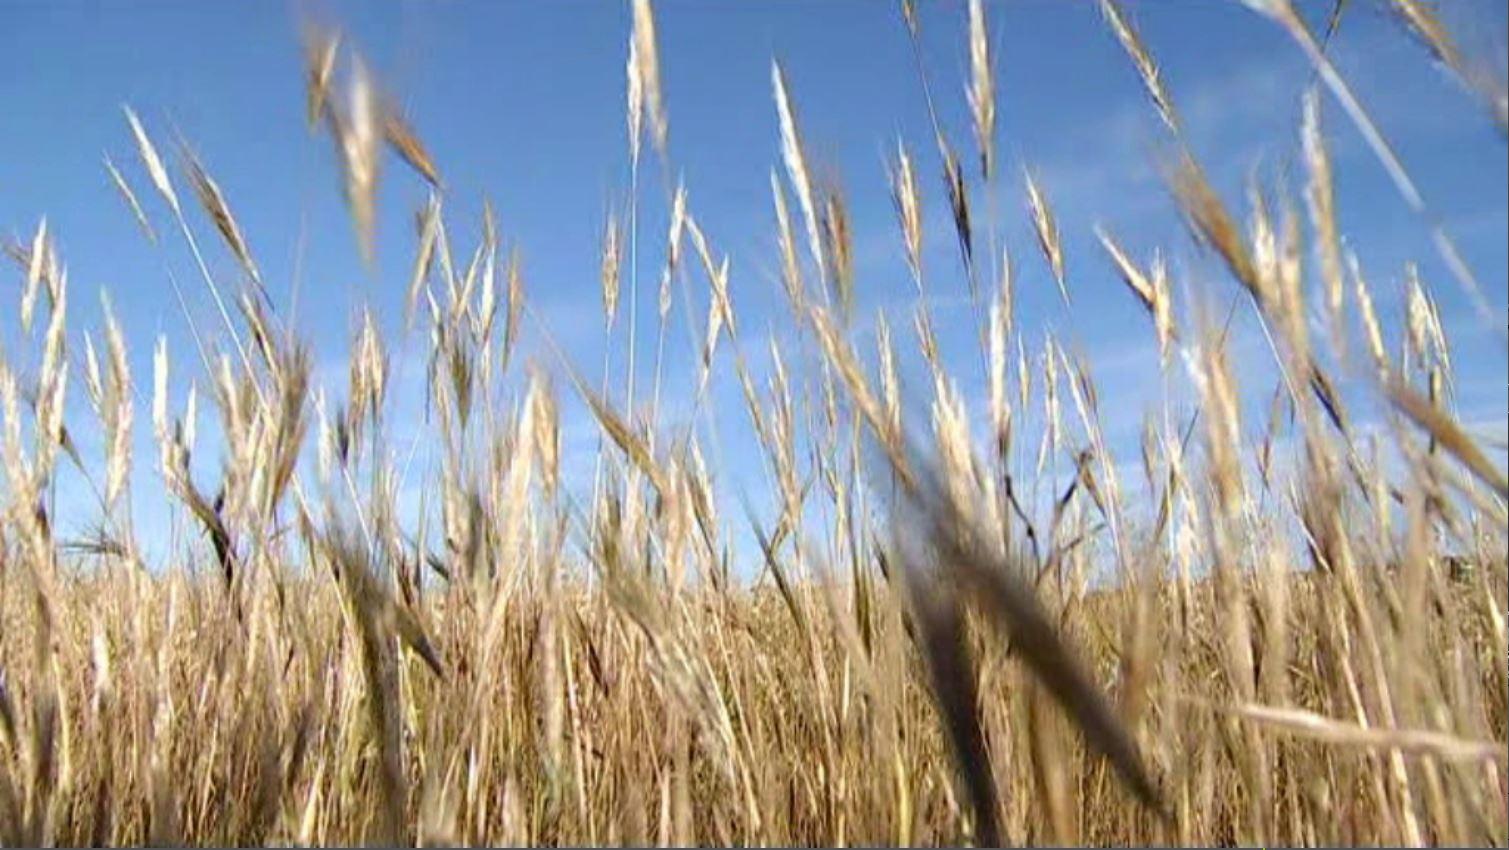 El+camp+arrossega+la+sequera+des+del+2019%3A+les+pastures%2C+els+cereals+i+les+lleguminoses+s%27han+redu%C3%AFt+fins+a+un+90%25